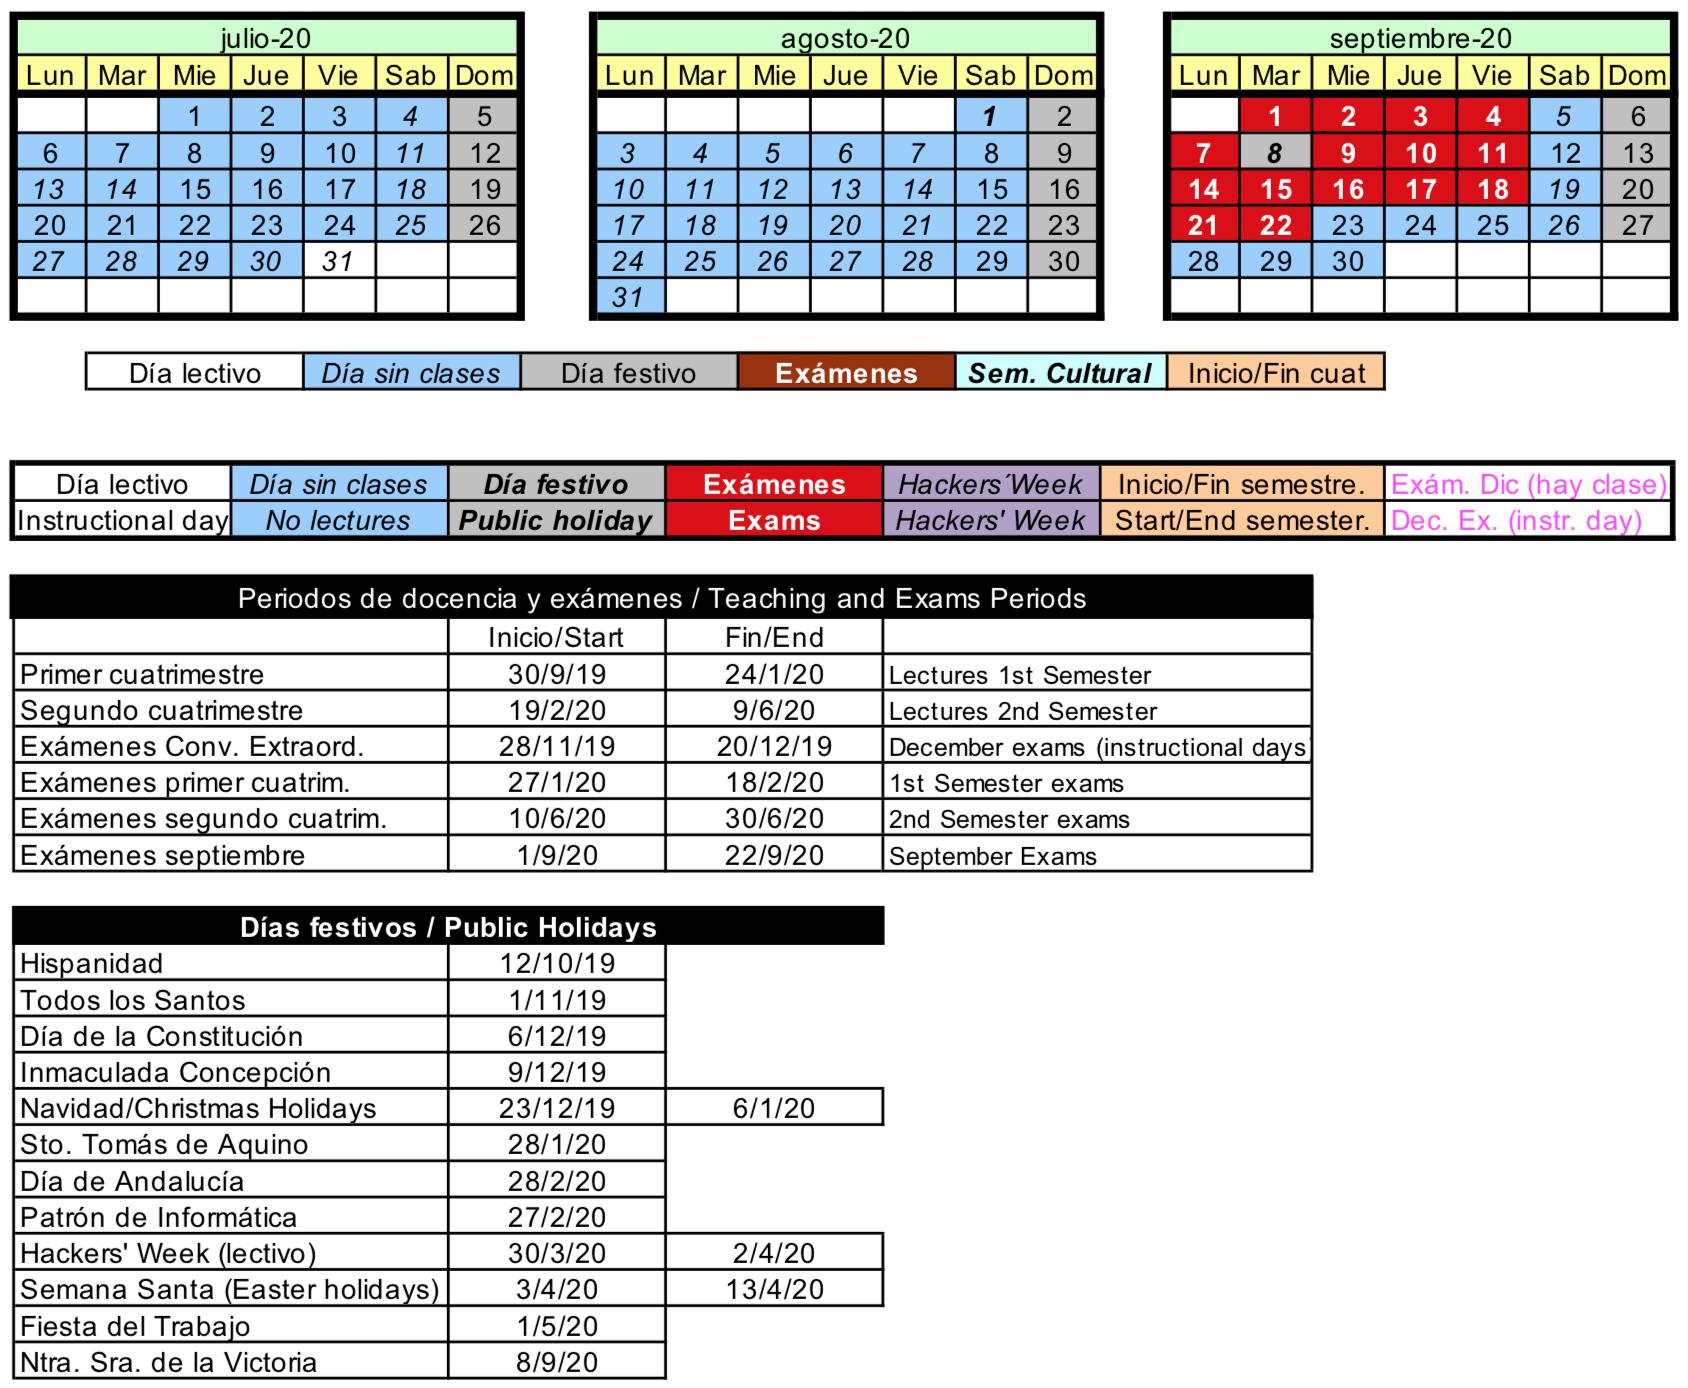 Calendario Etsit.E T S I Informatica Calendario Escolar Universidad De Malaga